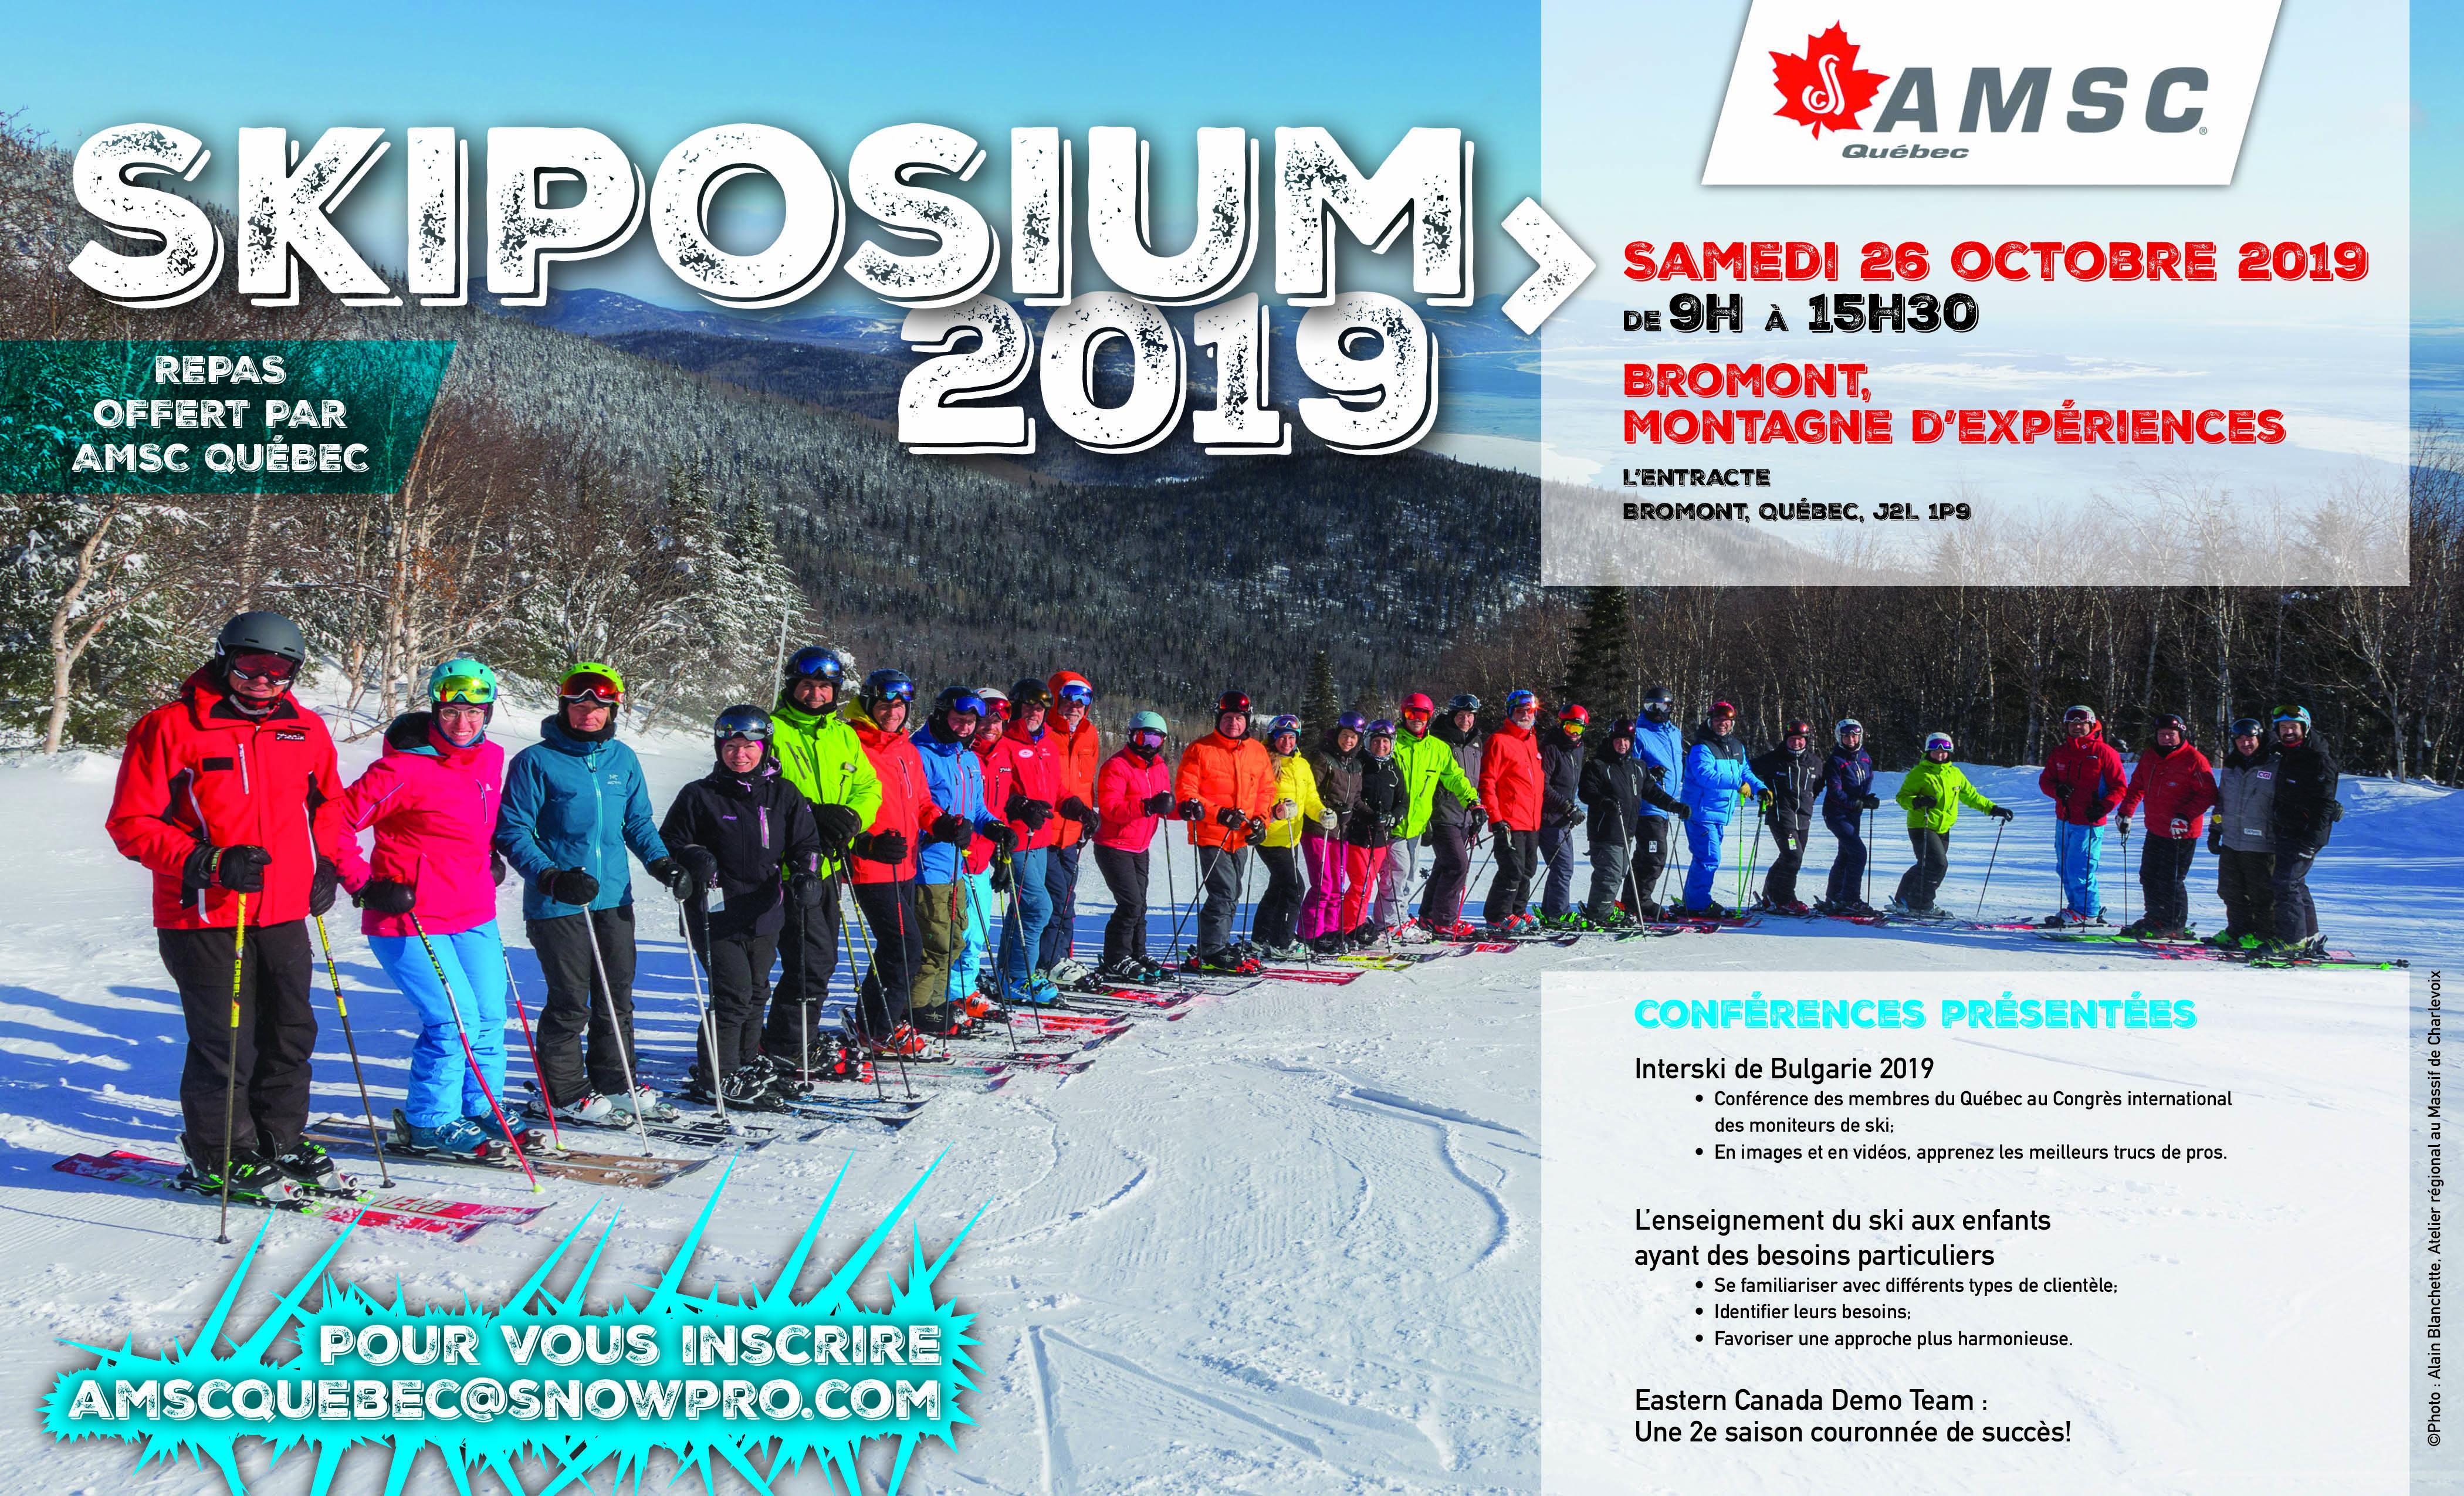 Skiposium 2019 | C'est un rendez-vous!